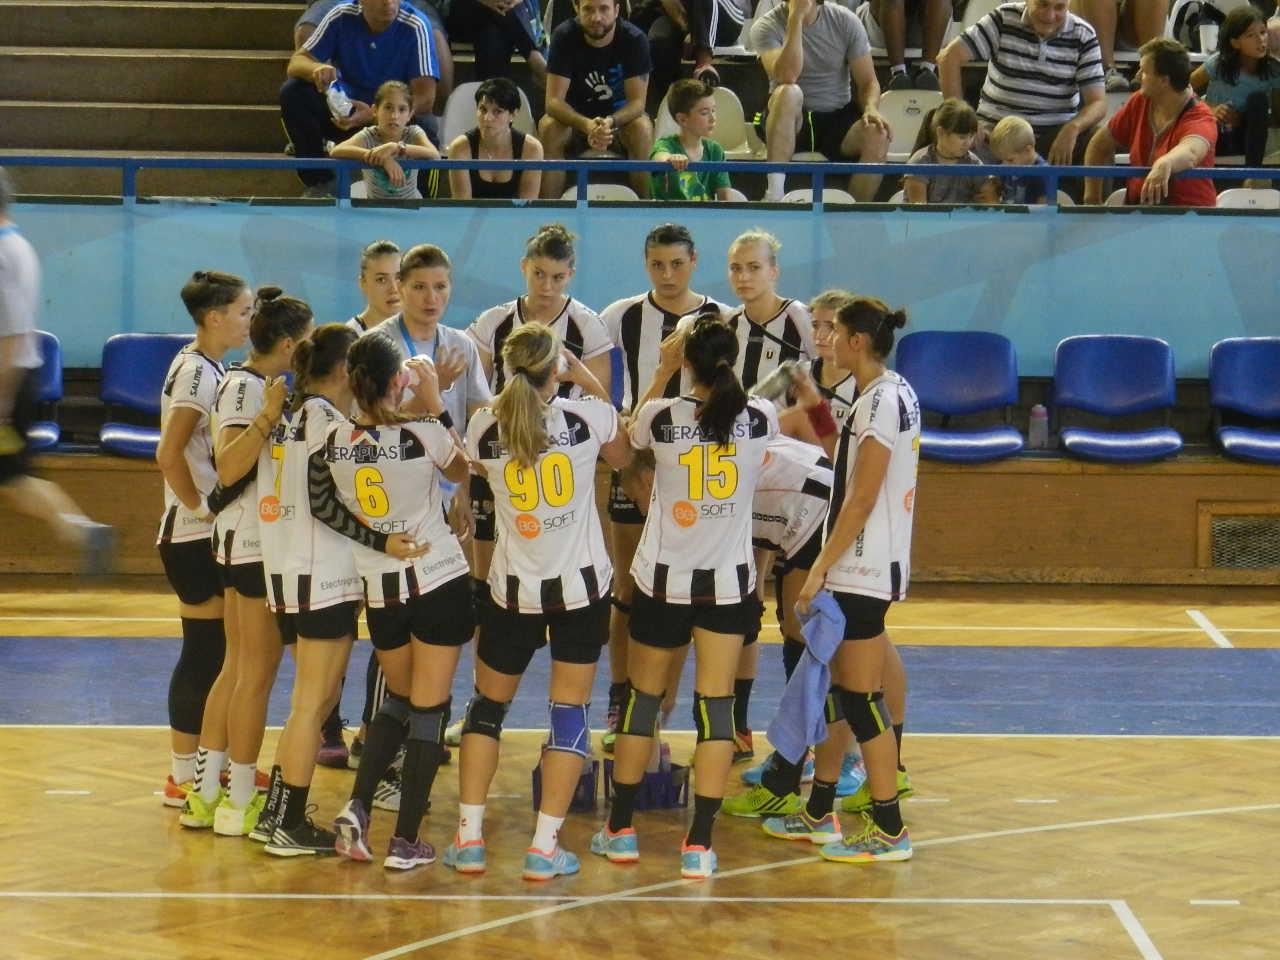 17 septembrie 2016, etapa a 2-a a Ligii Naționale